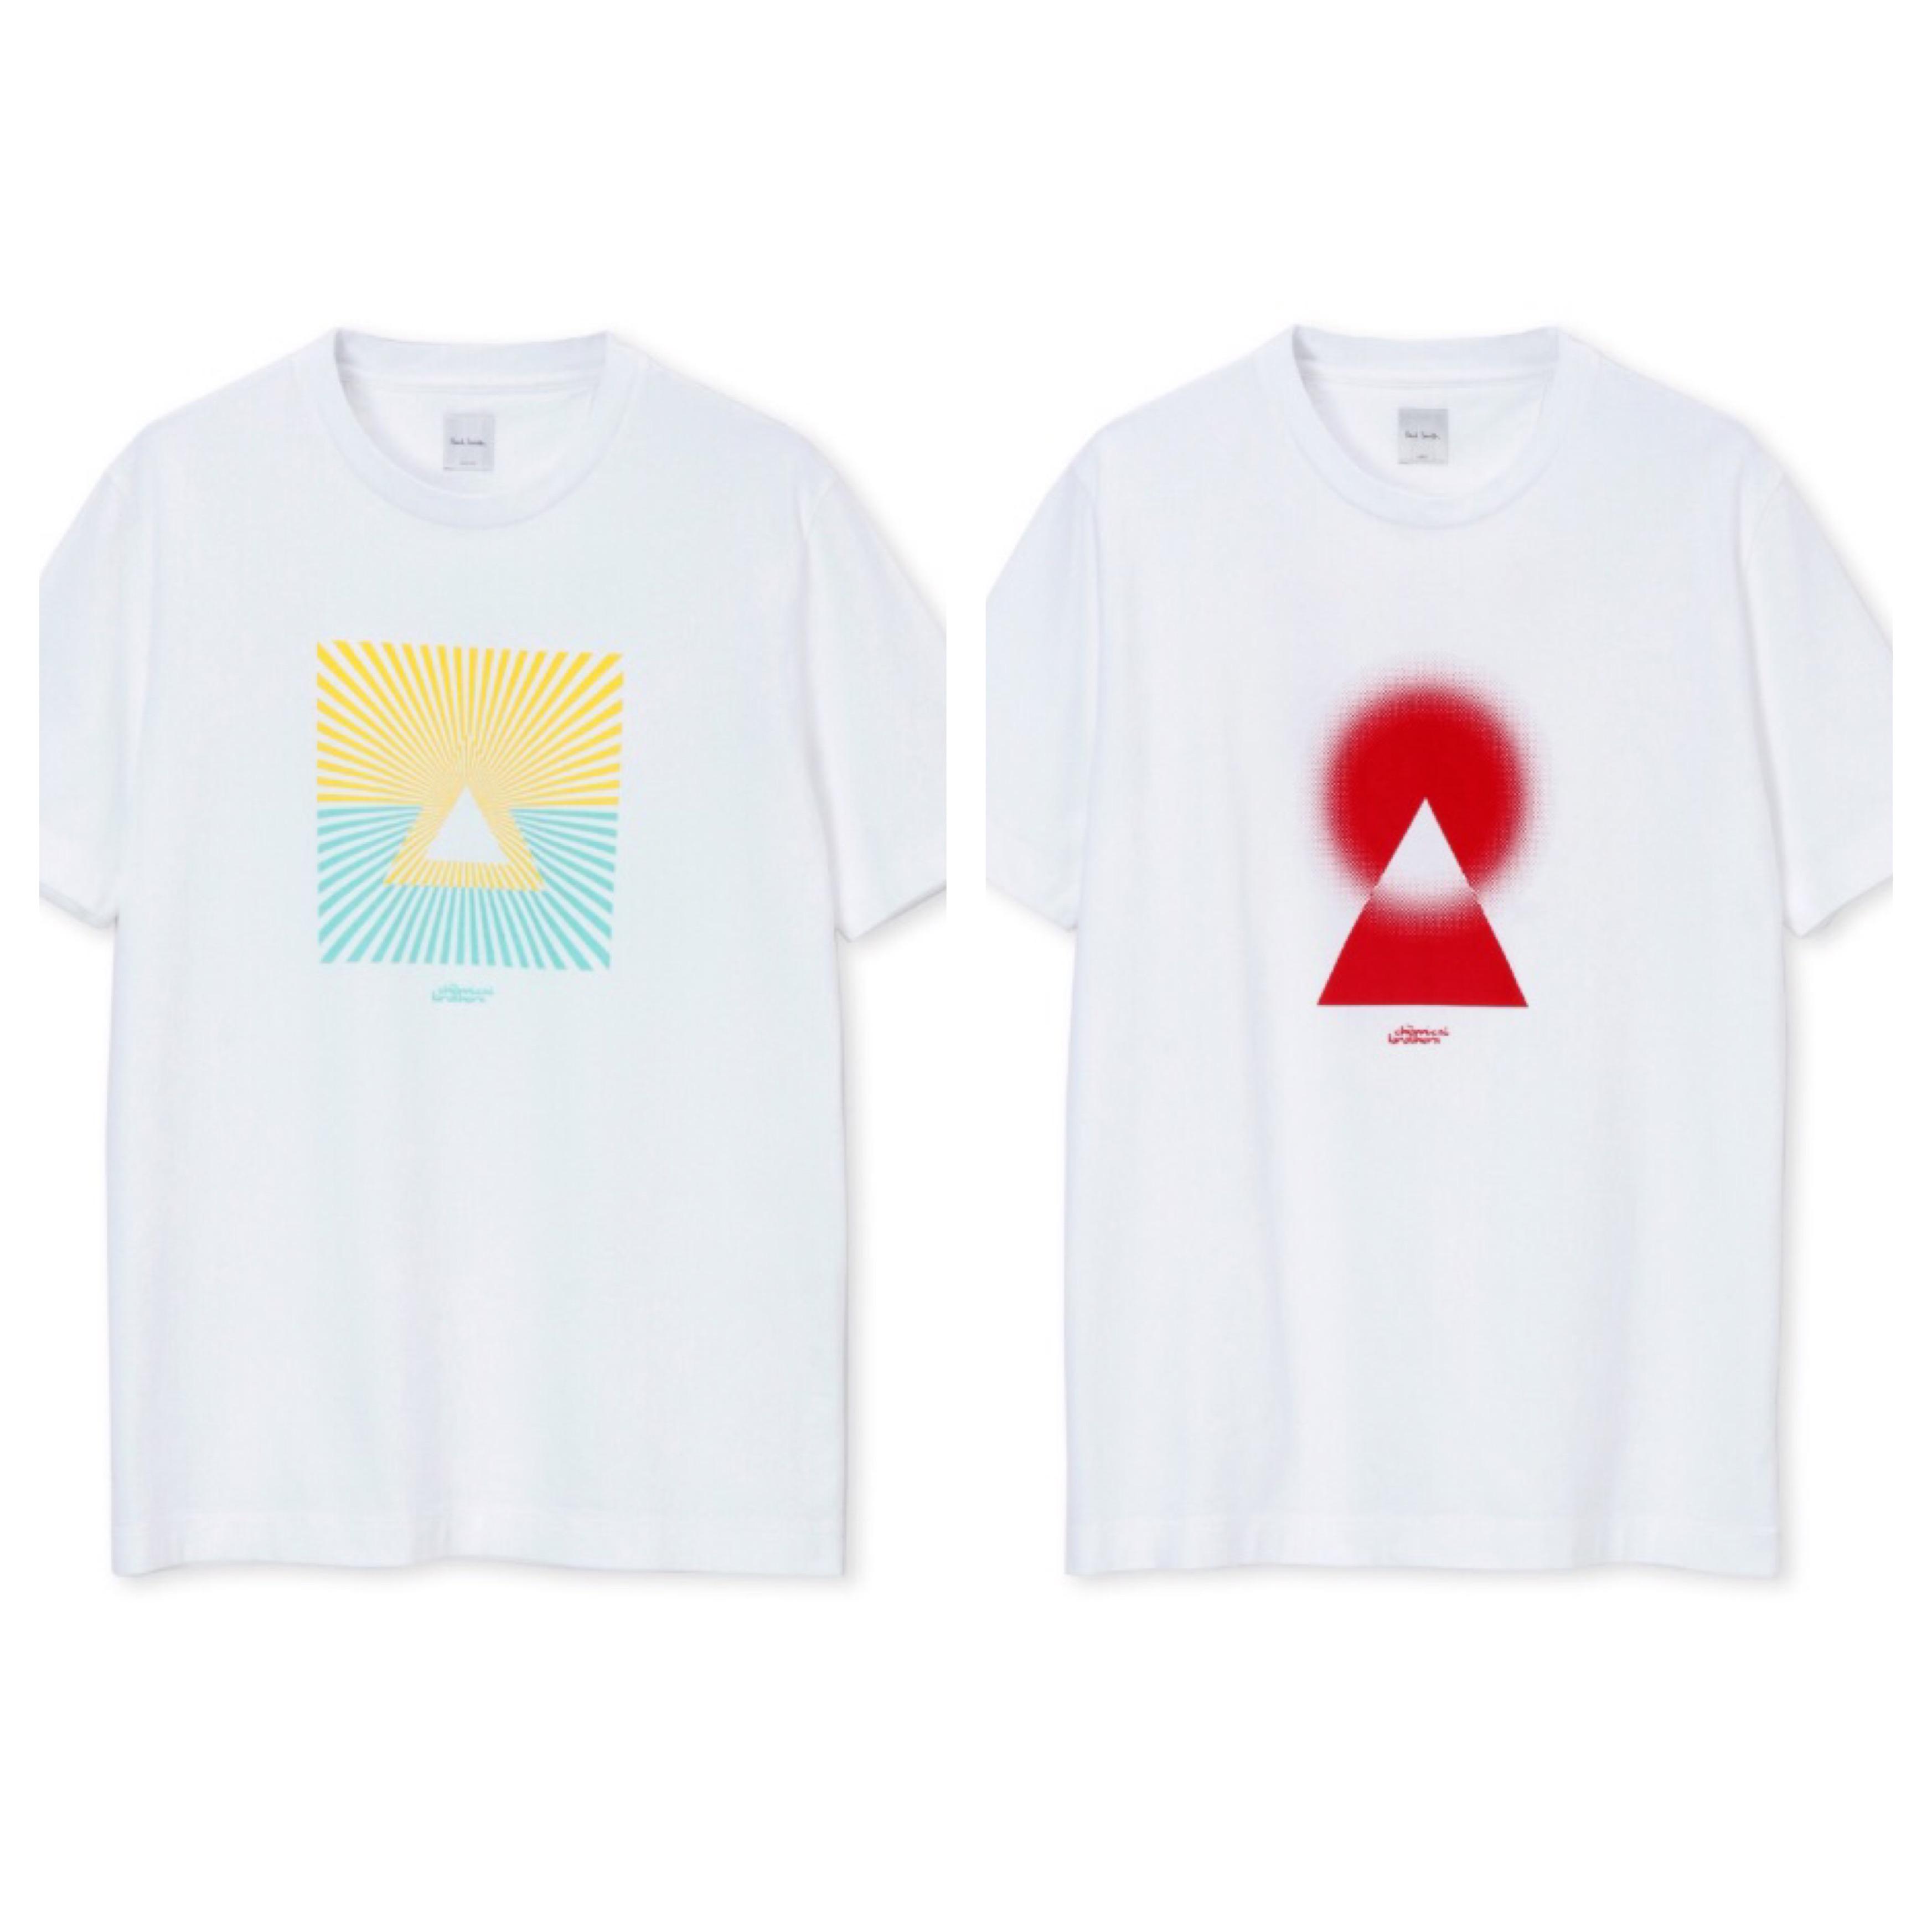 ポール・スミス×ケミカル・ブラザーズ2000枚限定コラボTシャツをリリース